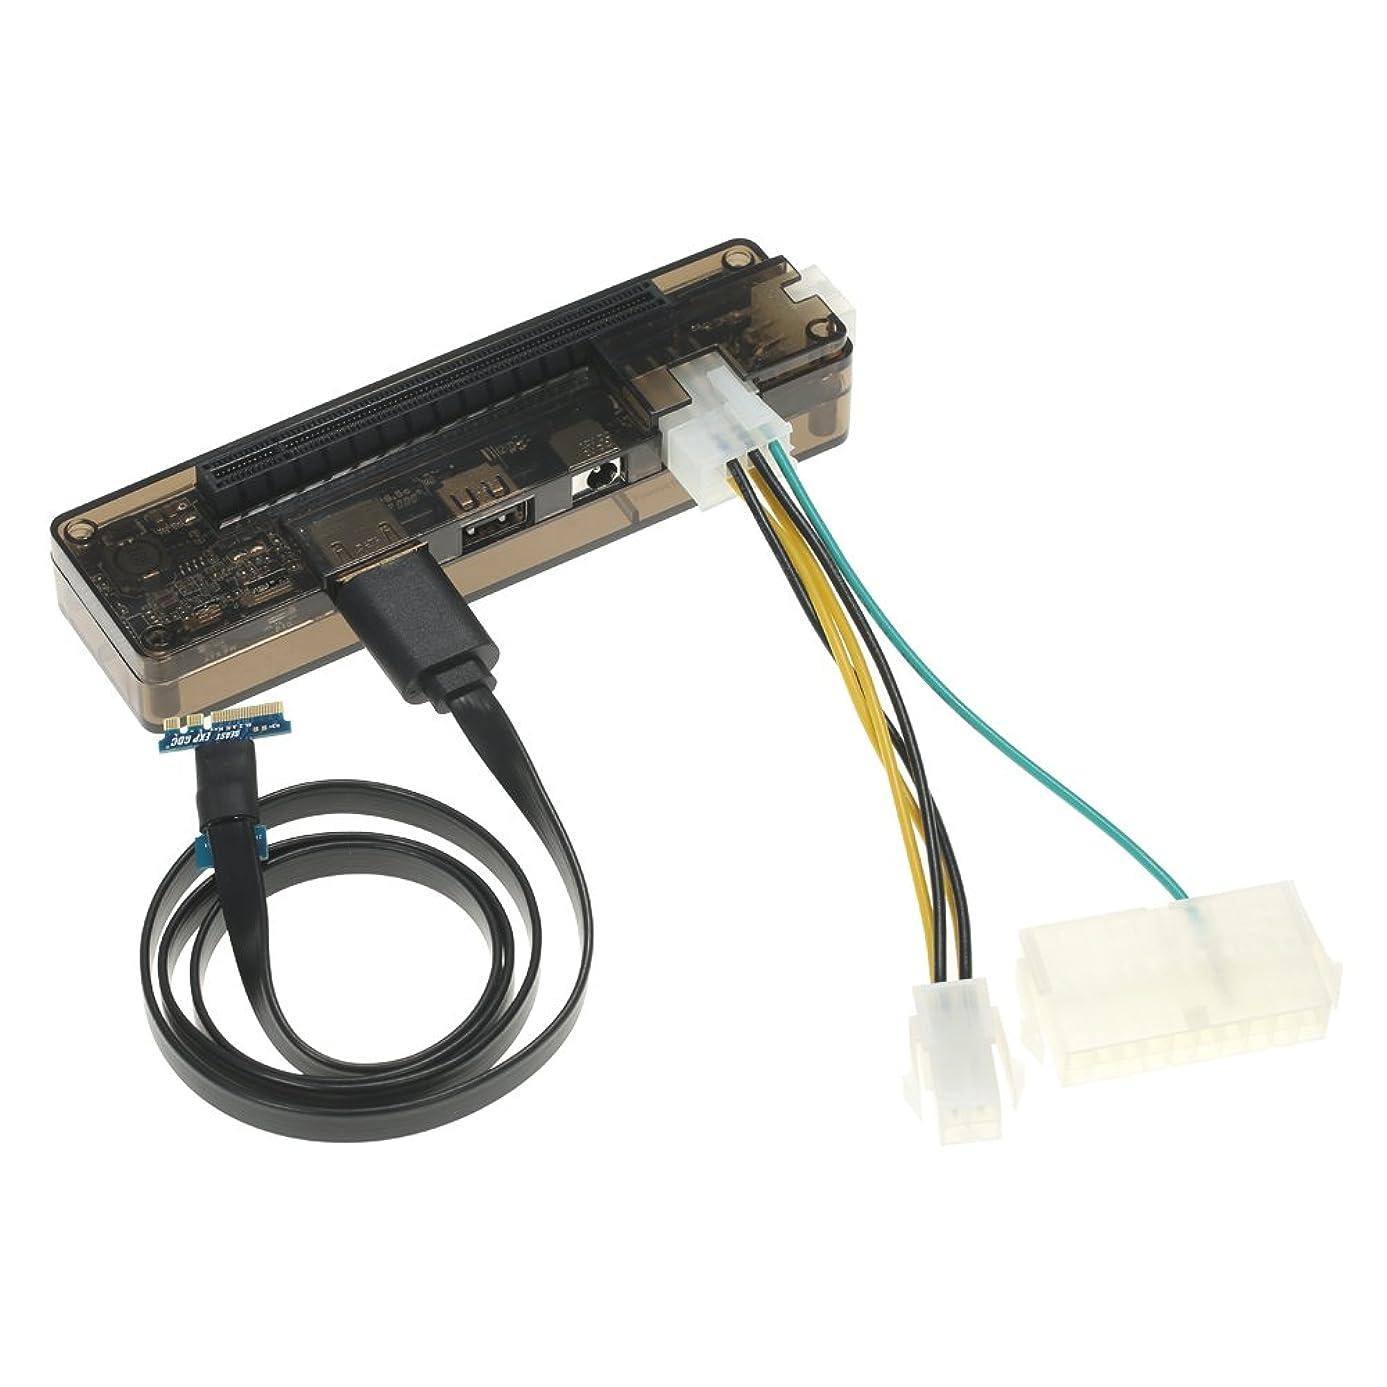 キリスト原子炉氏walmeckノートパソコン外部独立ビデオカードグラフィックスDock Mini PCI - Eバージョンfor v8.0?Exp GDC Beast, NGFF M.2 A E Key, RGW3952076698426TH